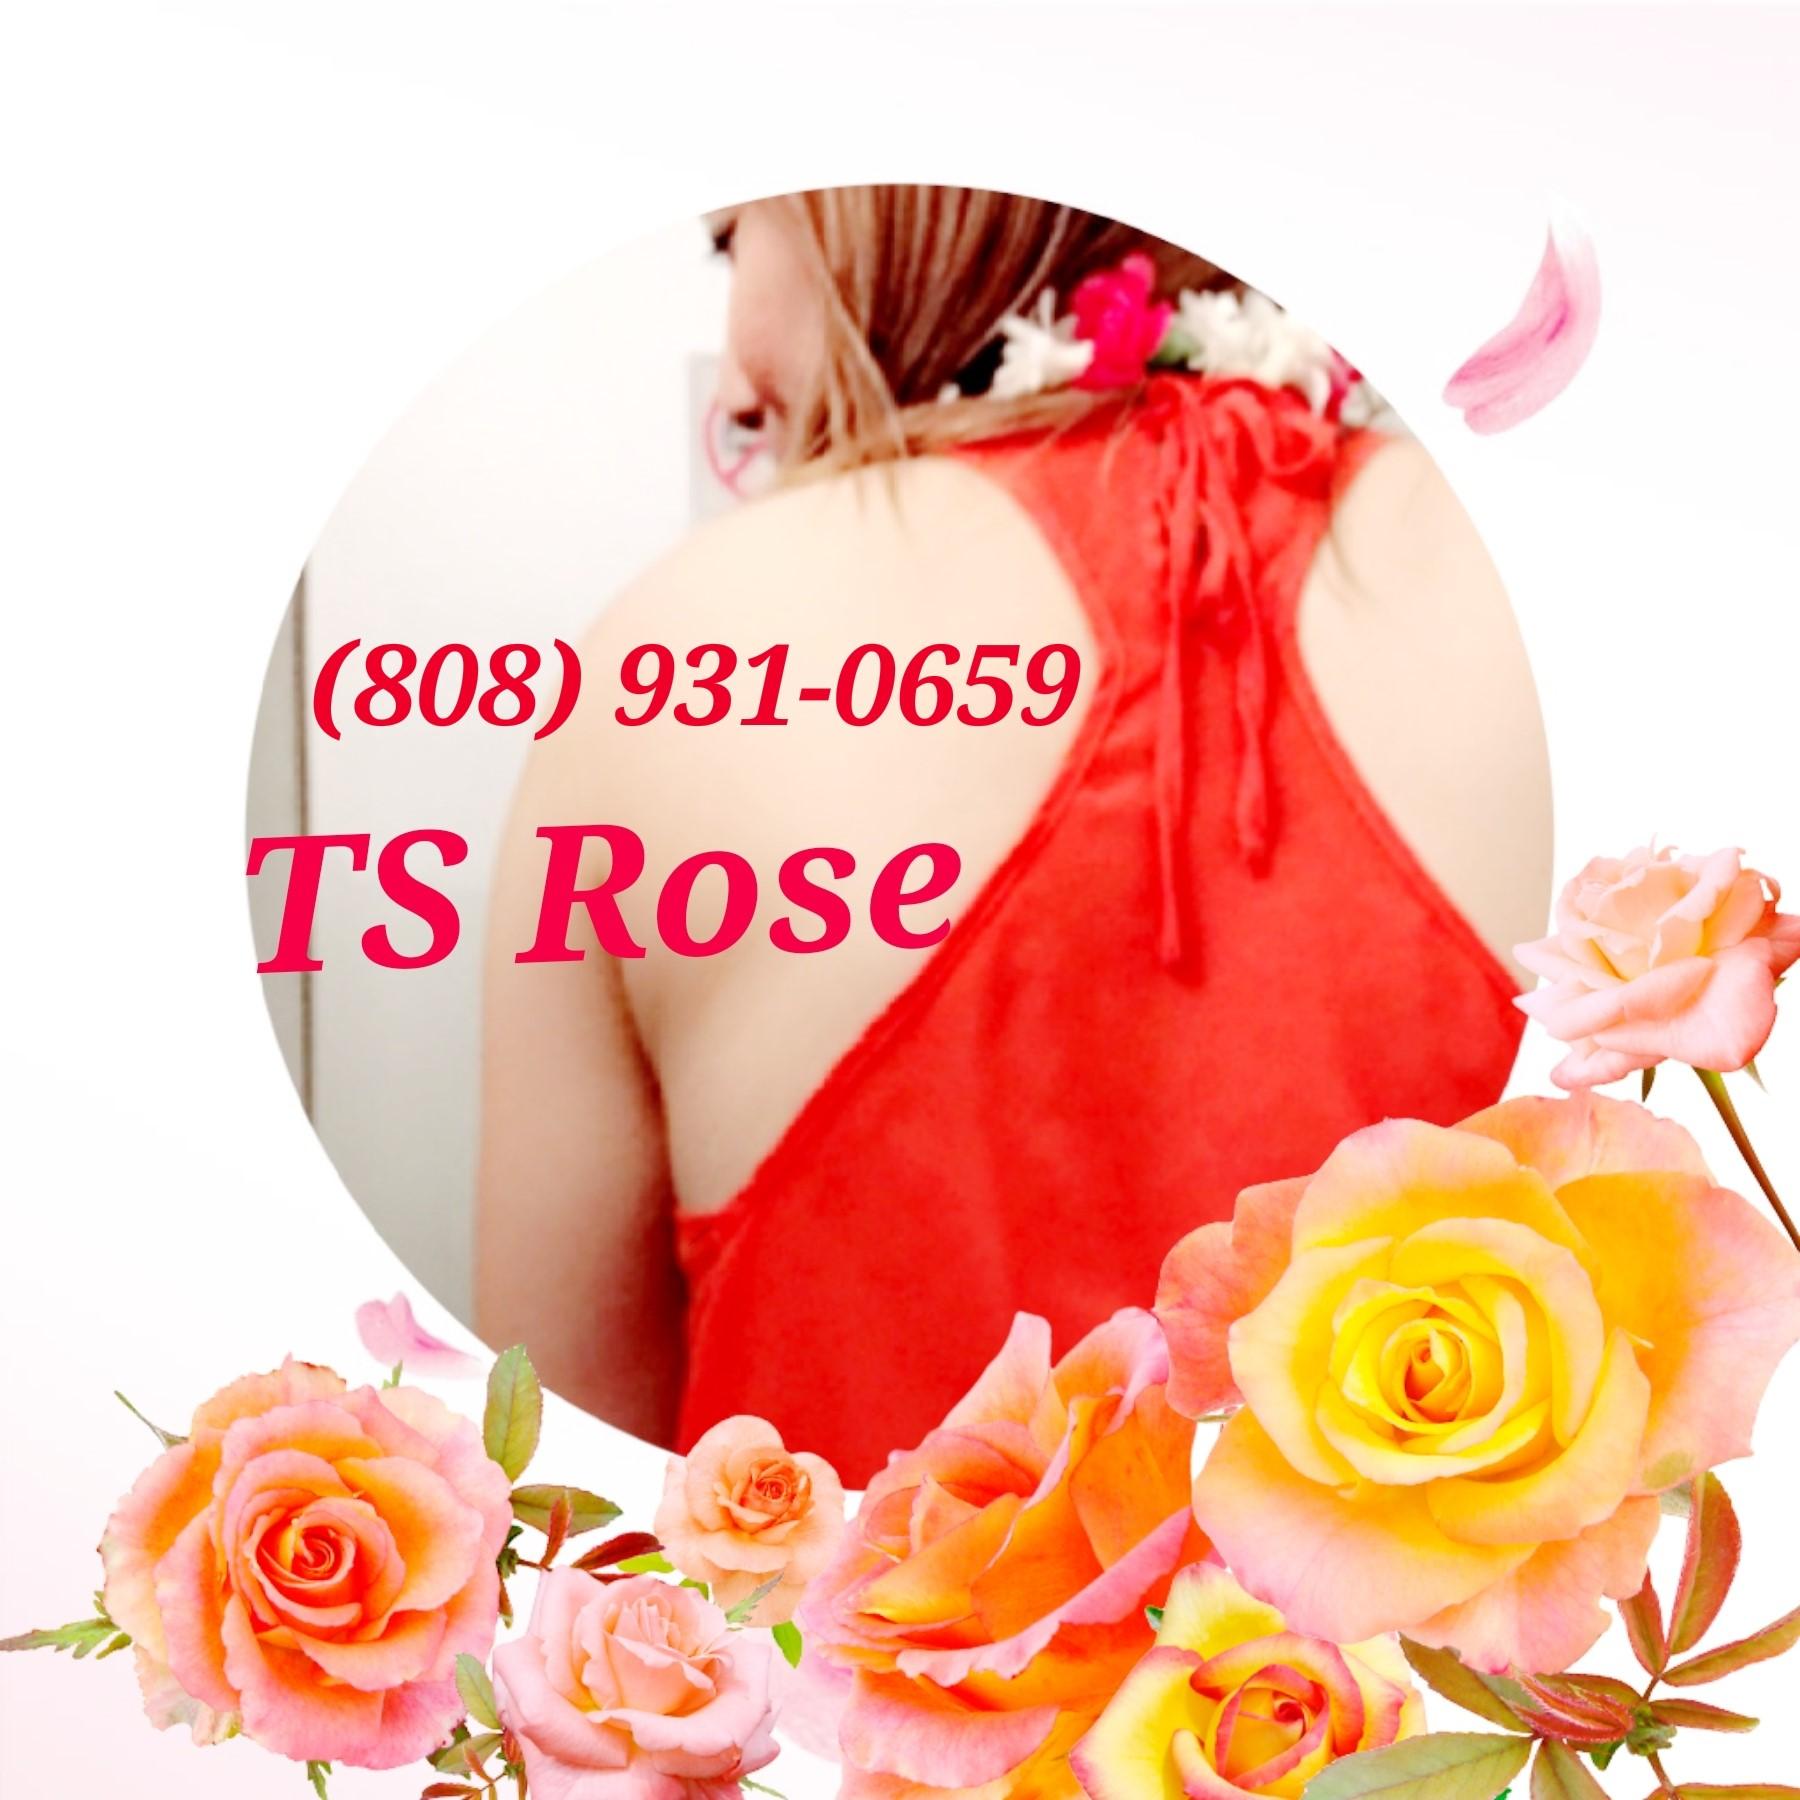 Massage TS 4 M By TS Rose